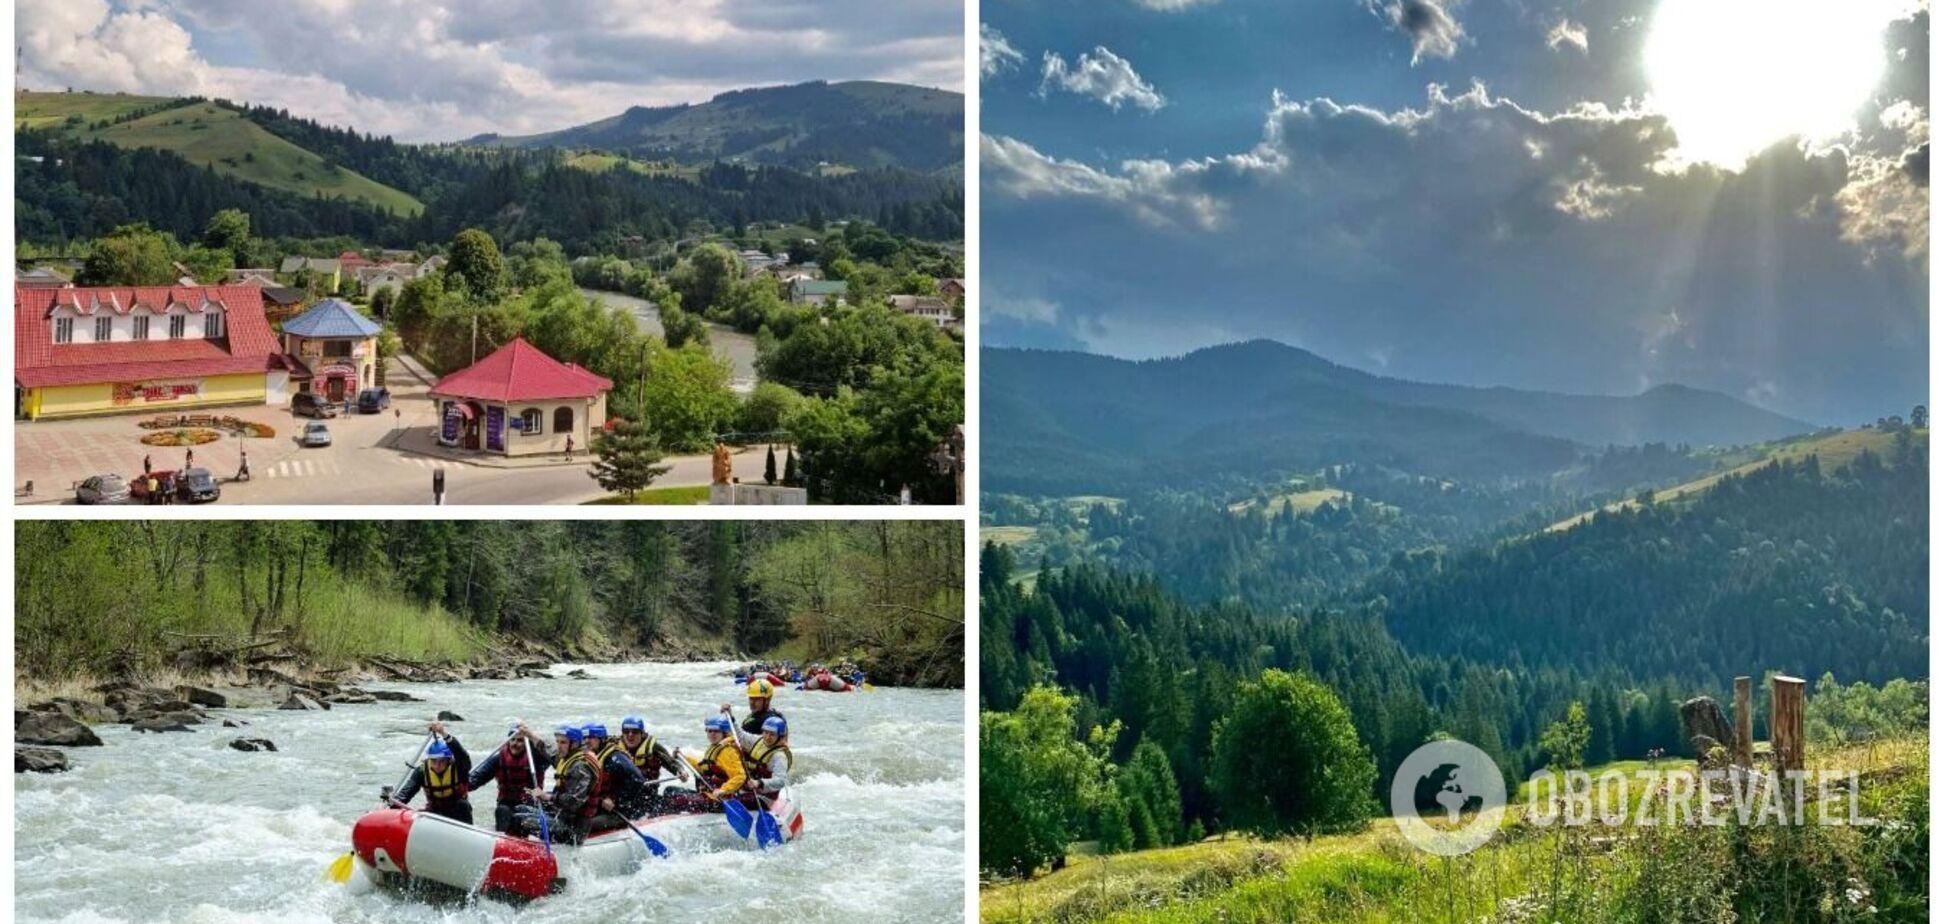 Відпочинок у Верховині: житло від 200 грн за добу, активні розваги і пам'ятки. Фото